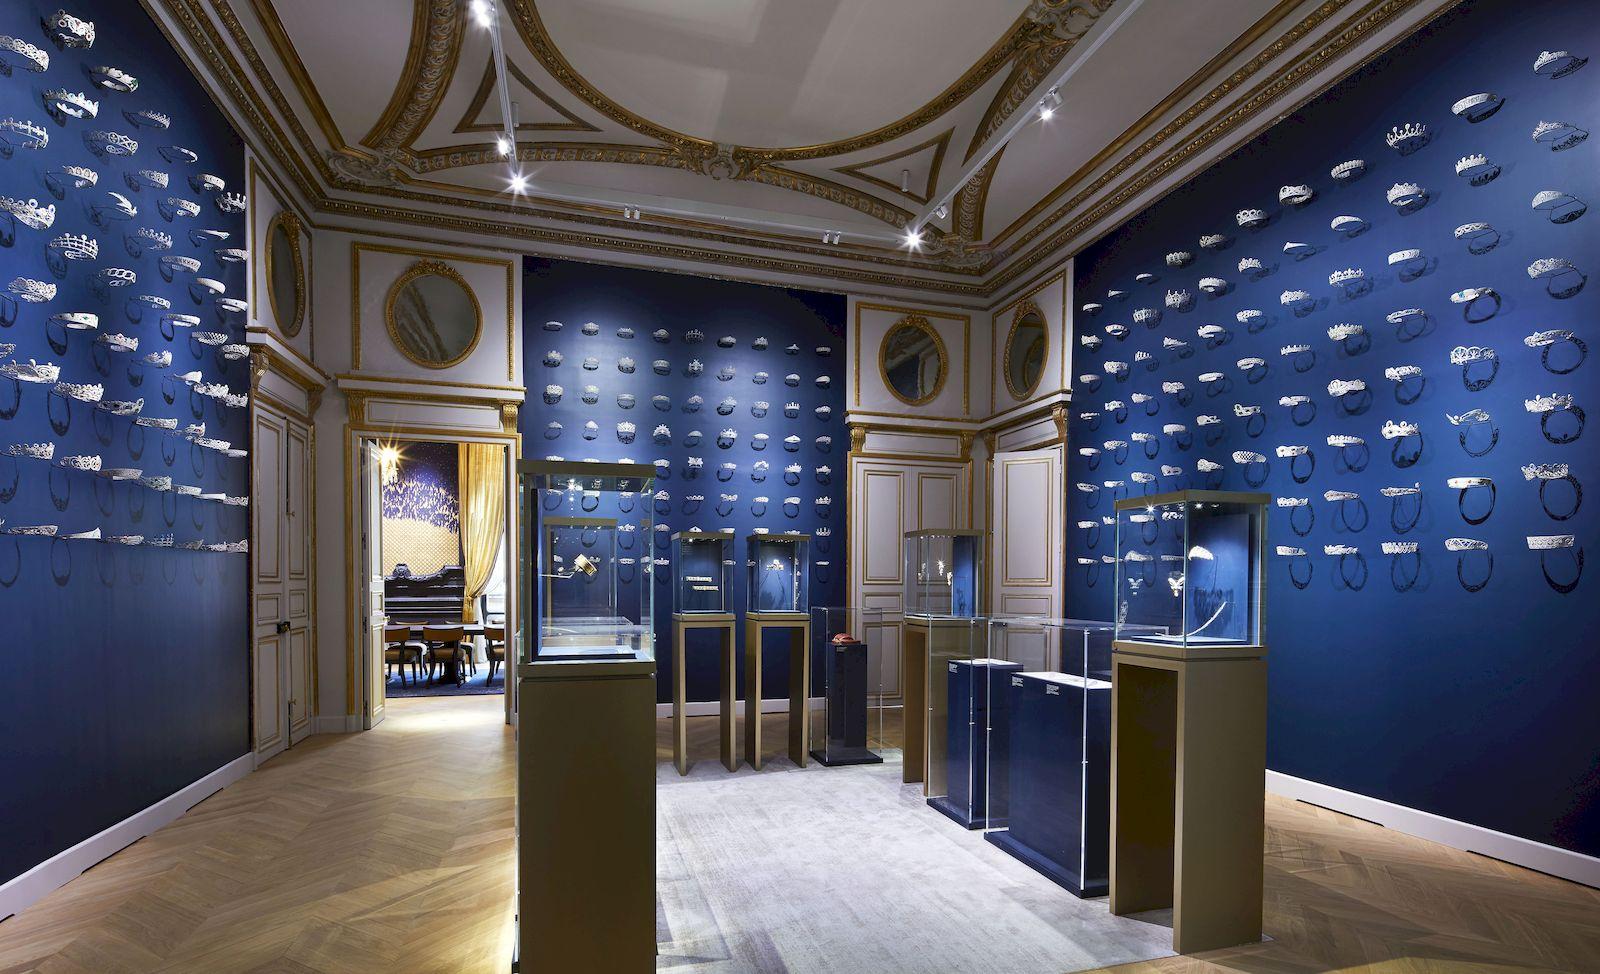 Chaumet Flagship Reopens At 12 Place Vendôme In Paris tout Hyper U Salon De Jardin